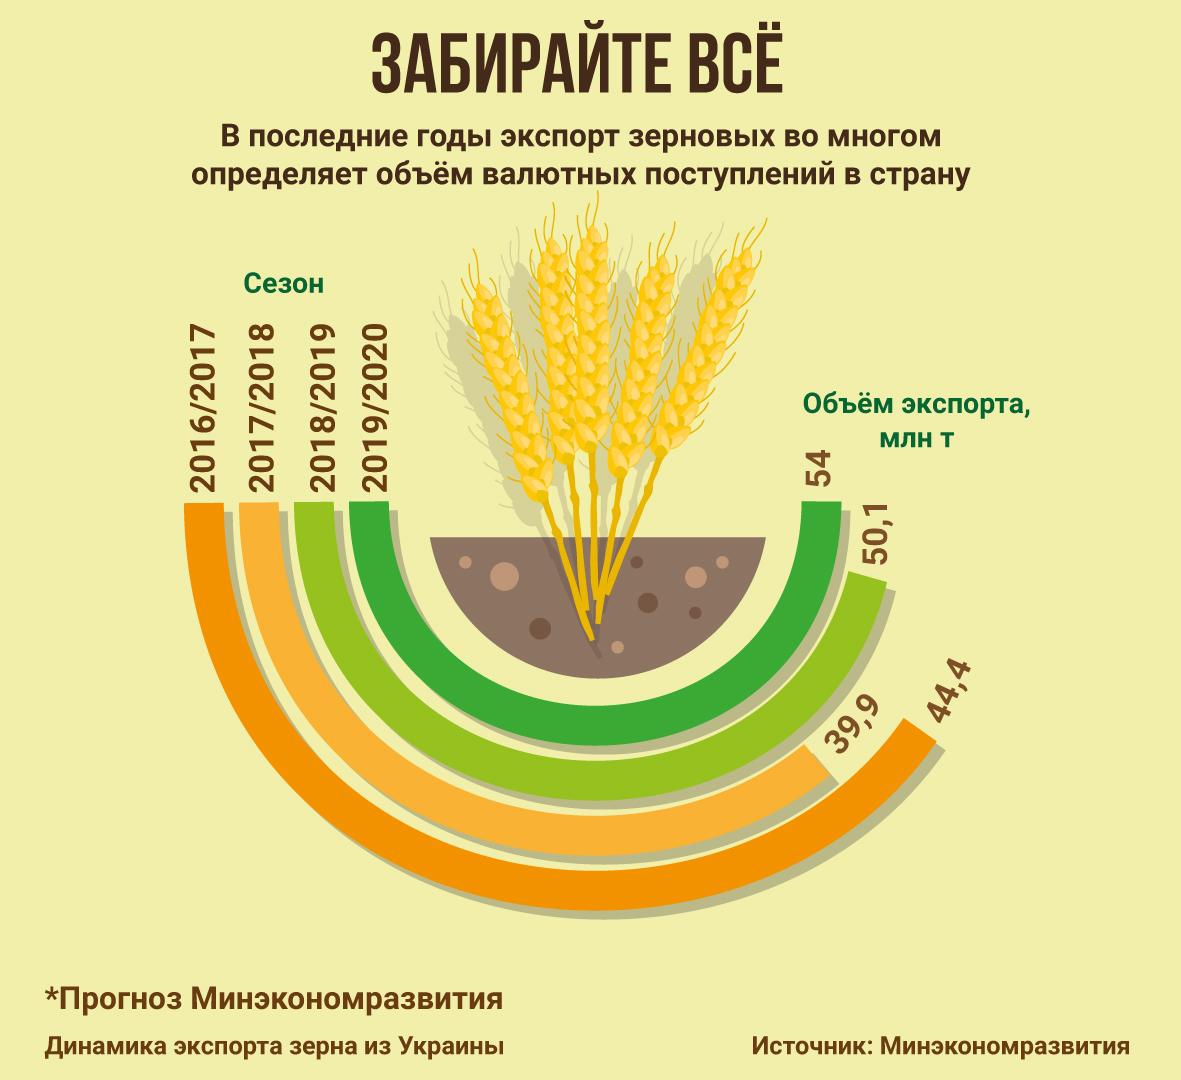 инфографика, экспорт зерна, Украина, 2016/2017, 2017/2018, 2018/2019, 2019/2020